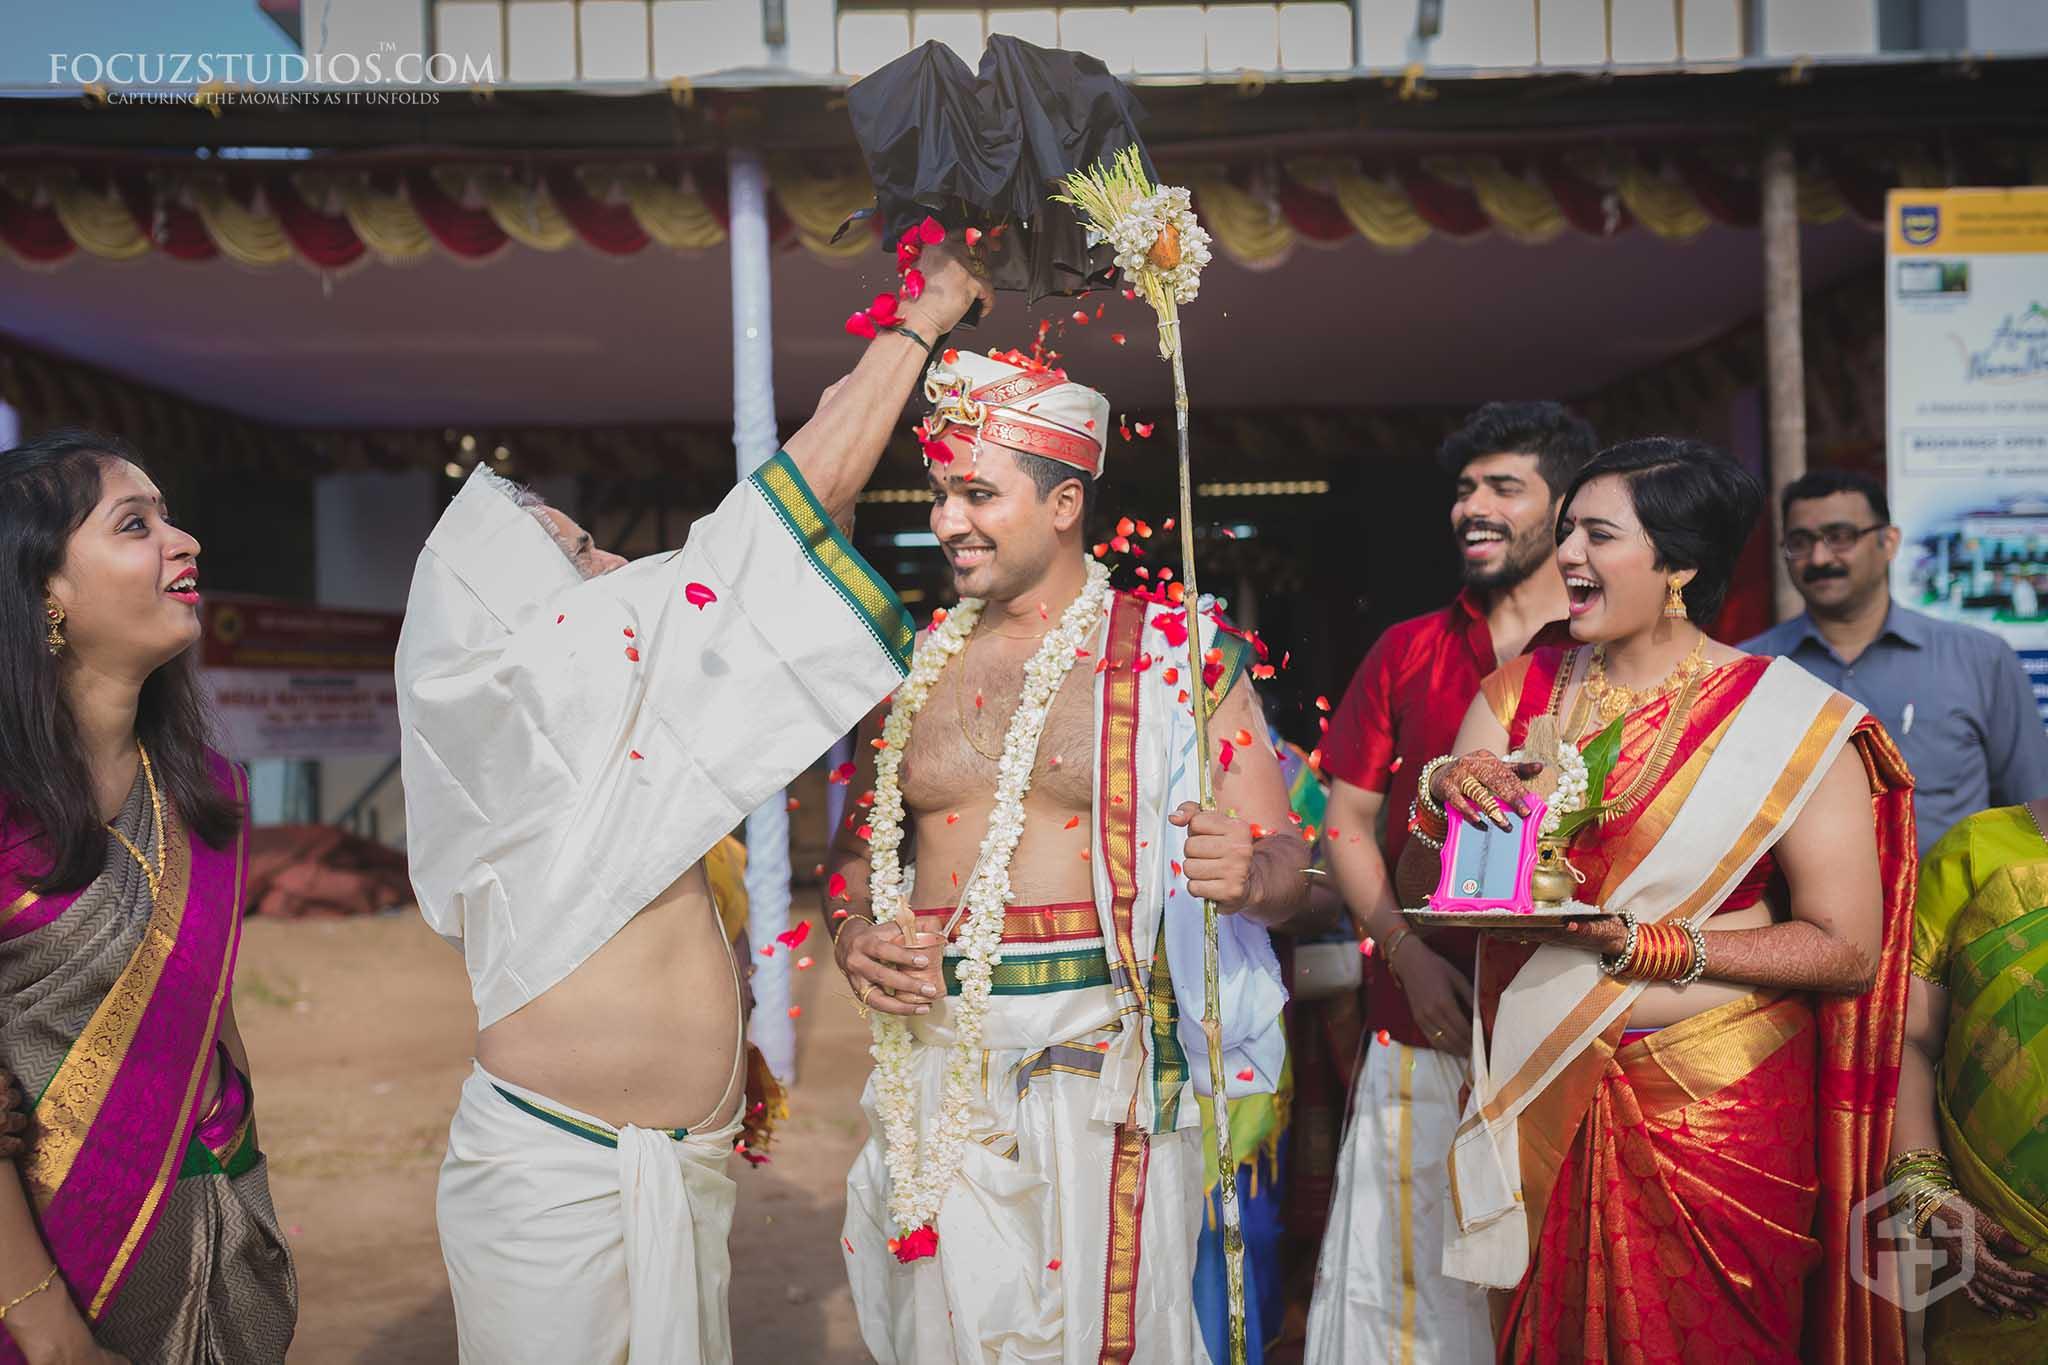 udupi-brahmins-wedding-photography-kerala-12